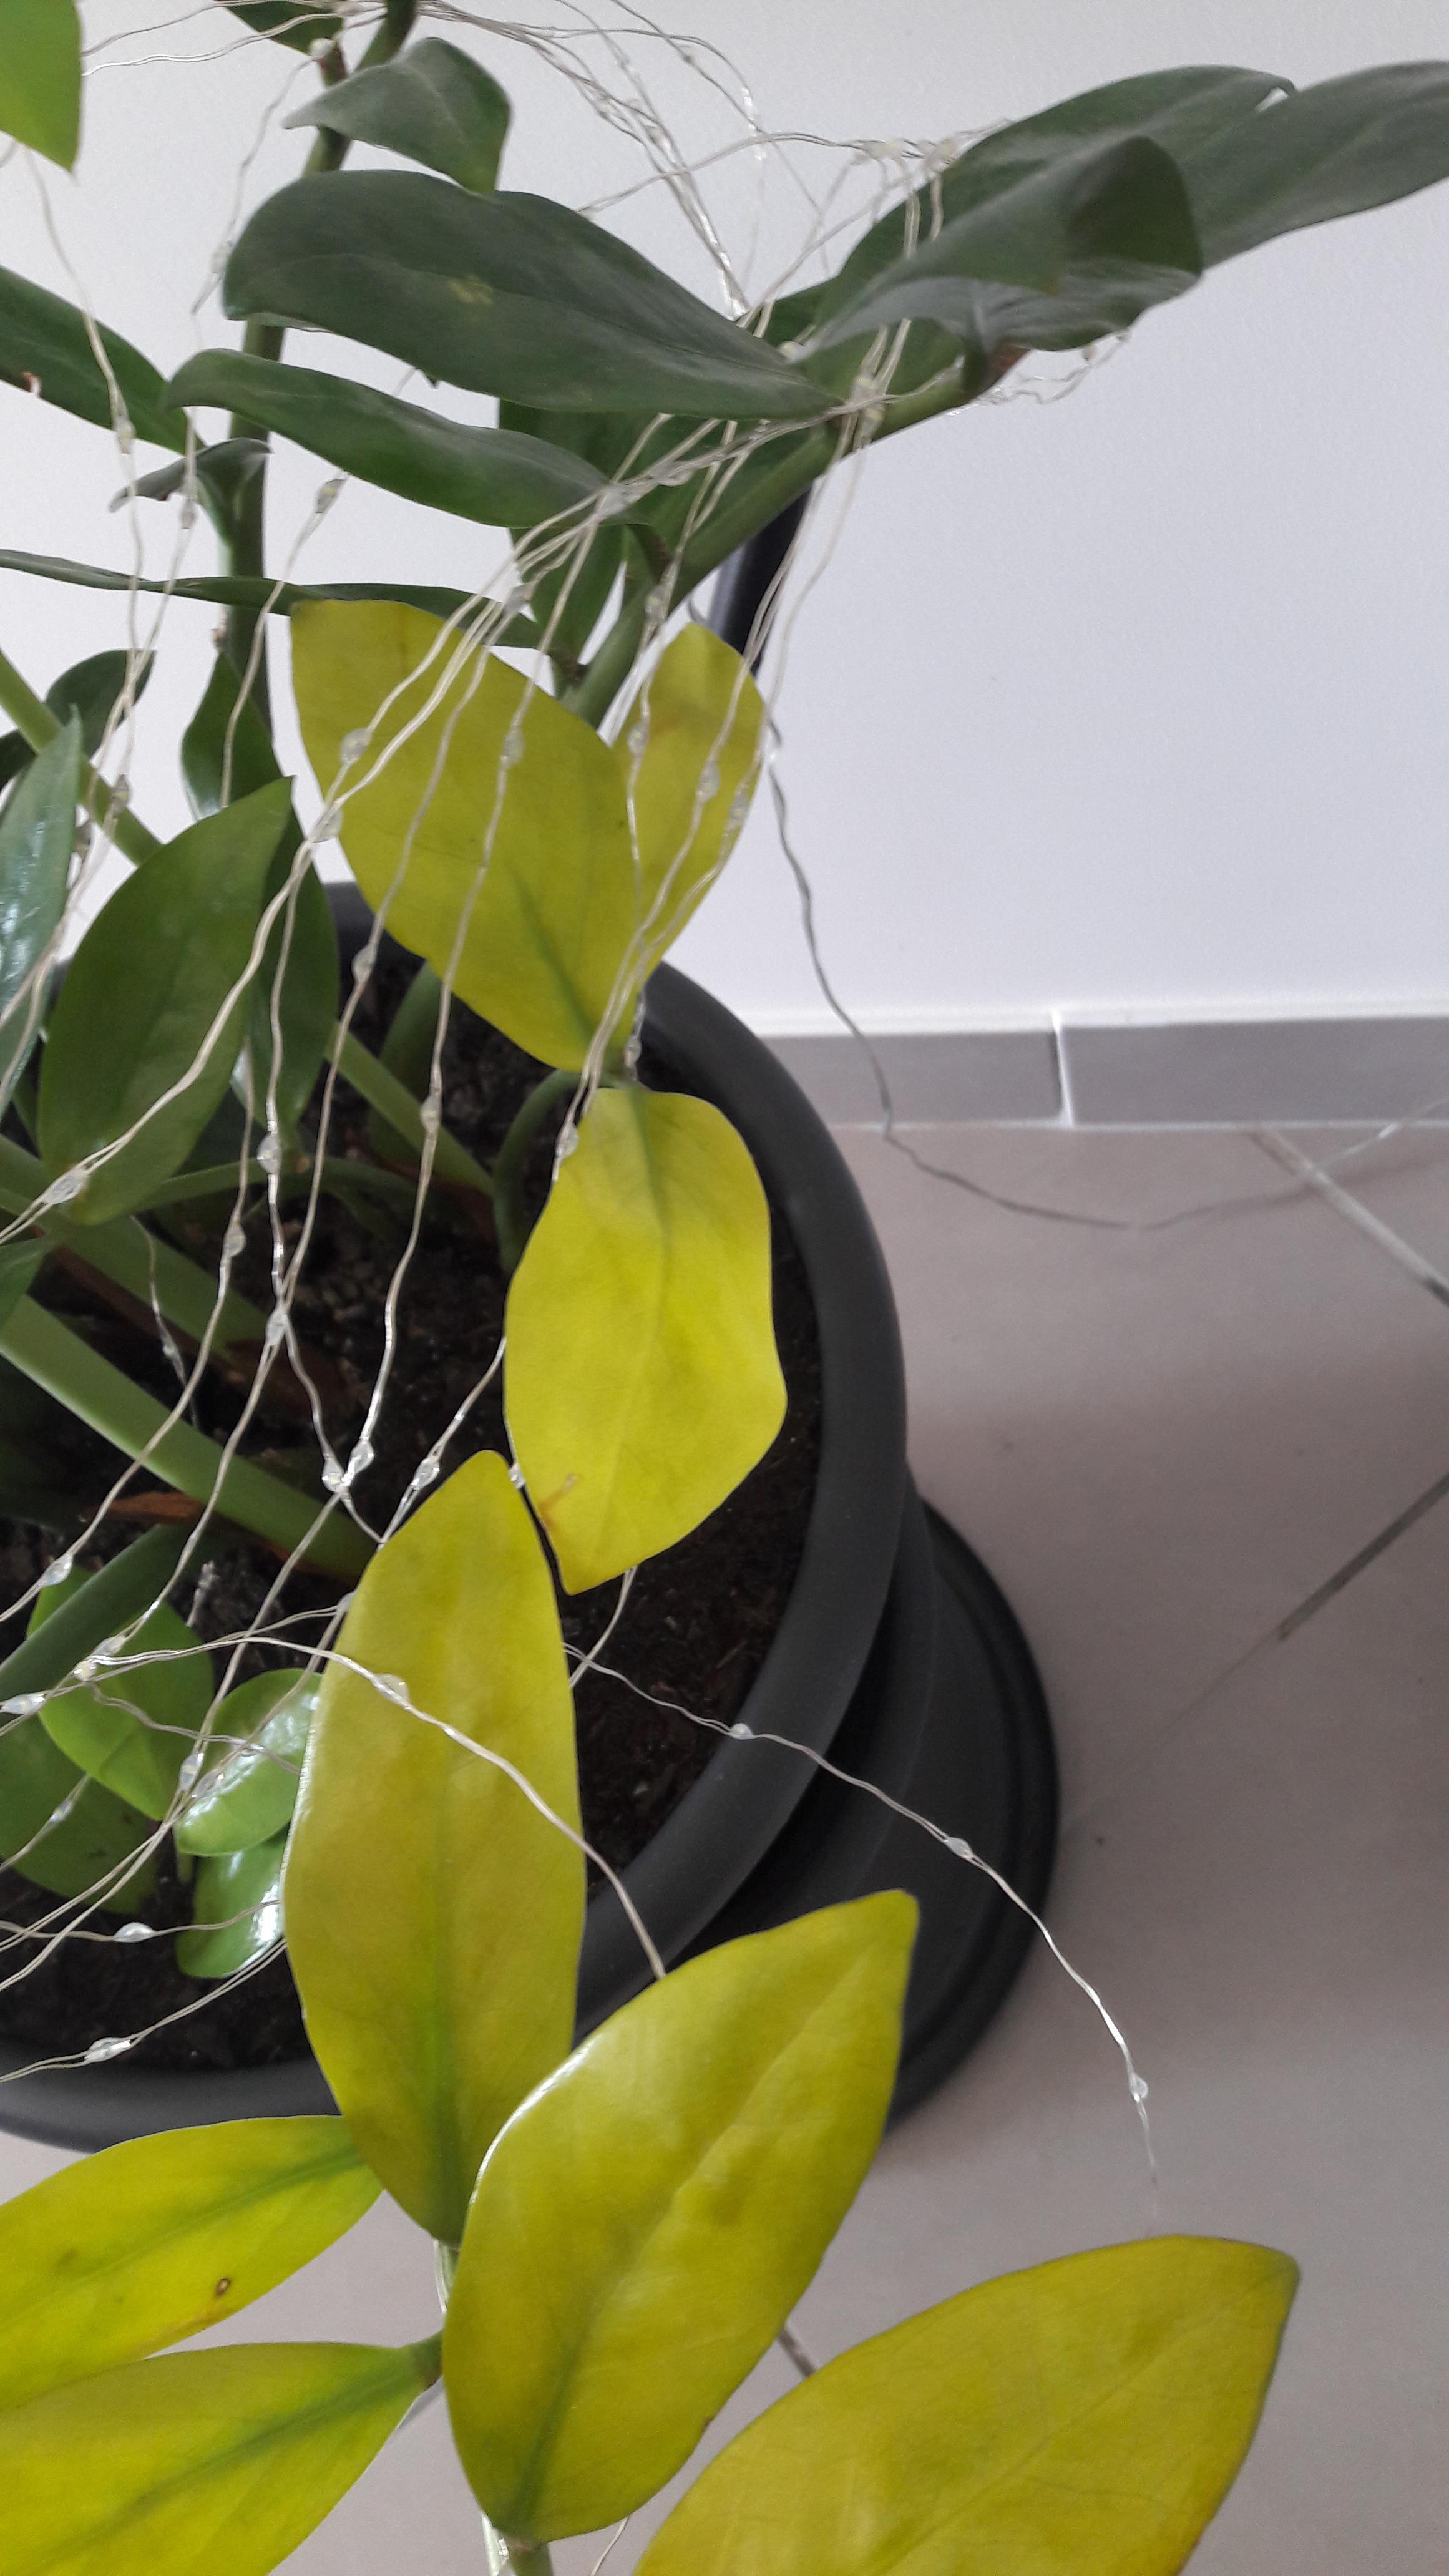 zamioculcas feuilles jaune